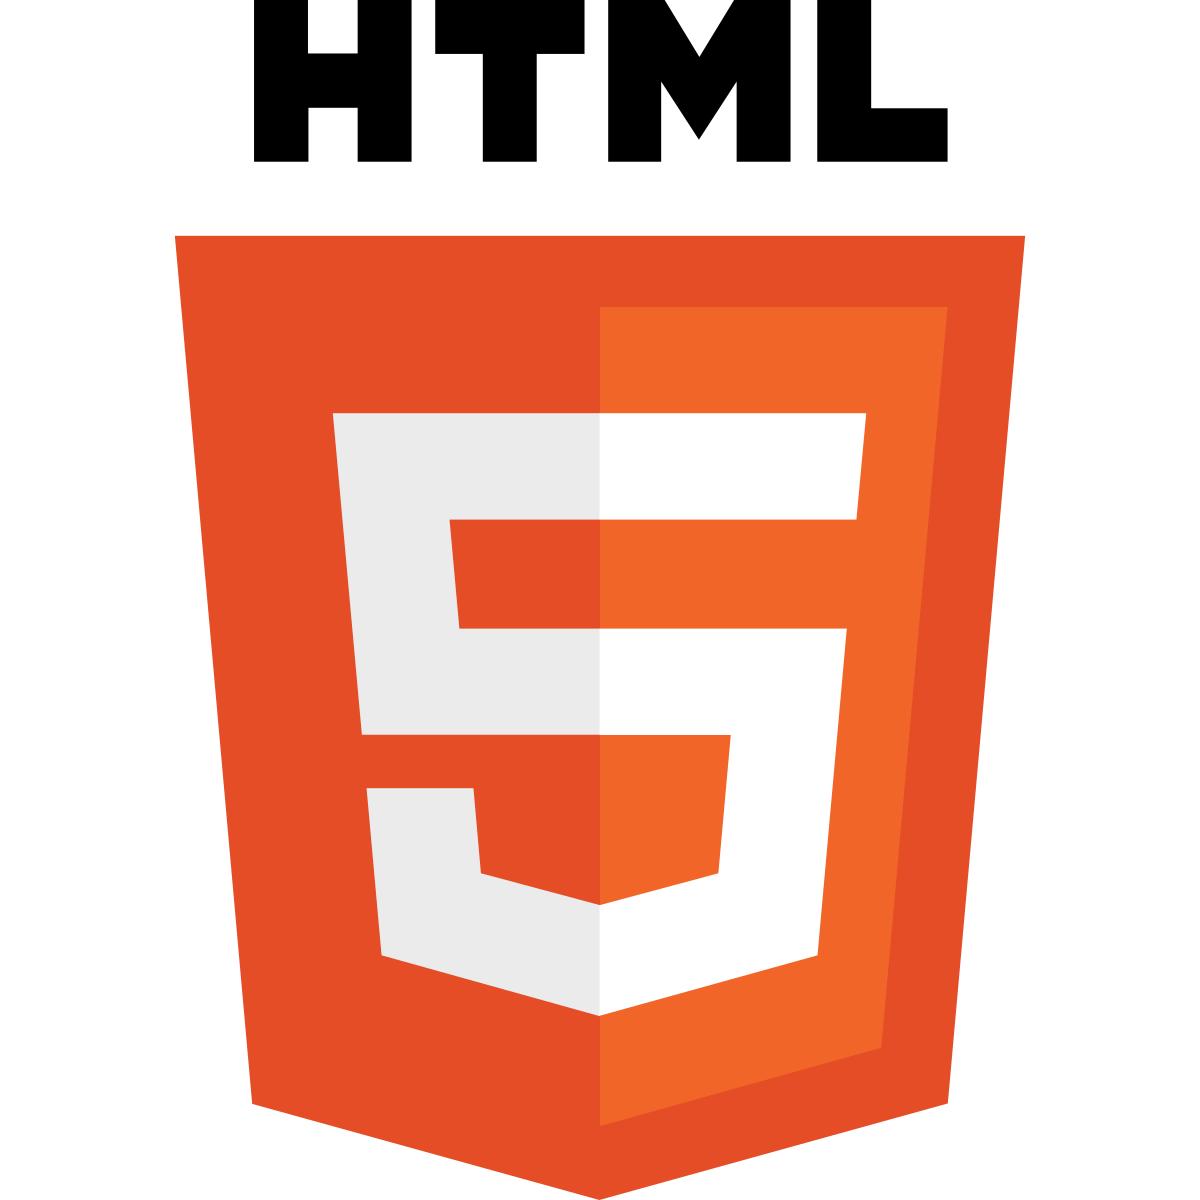 Curso de HTML 5 - Básico, Avançado e Profissional + Bônus